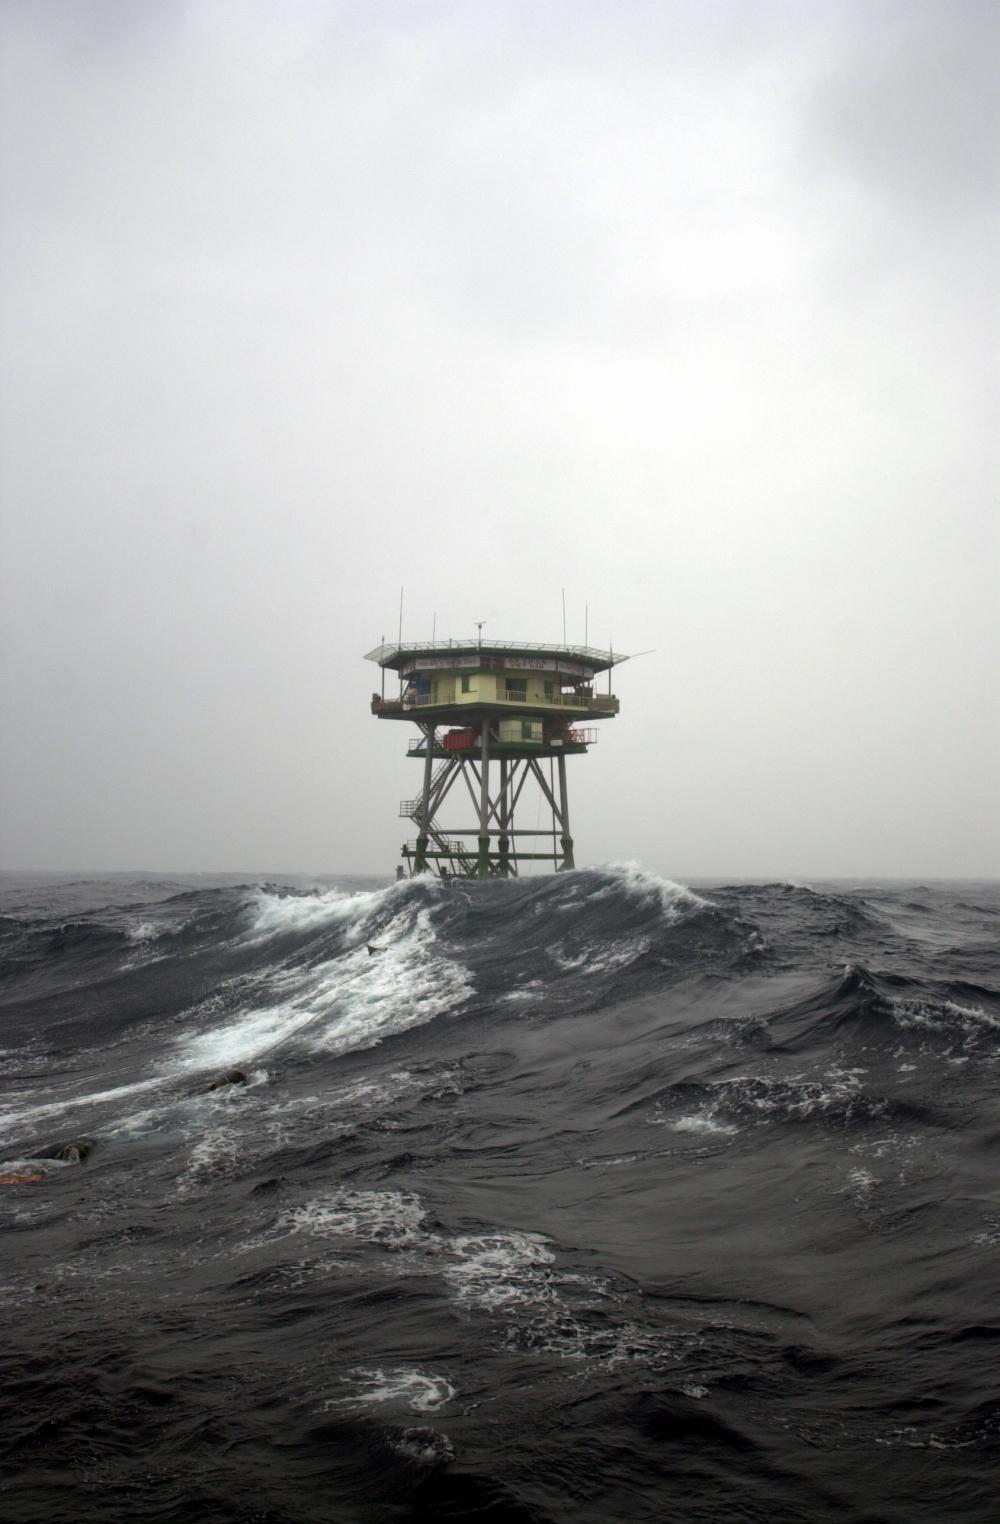 Nhà giàn DK1 vững chãi giữa biển khơi, ảnh DK1